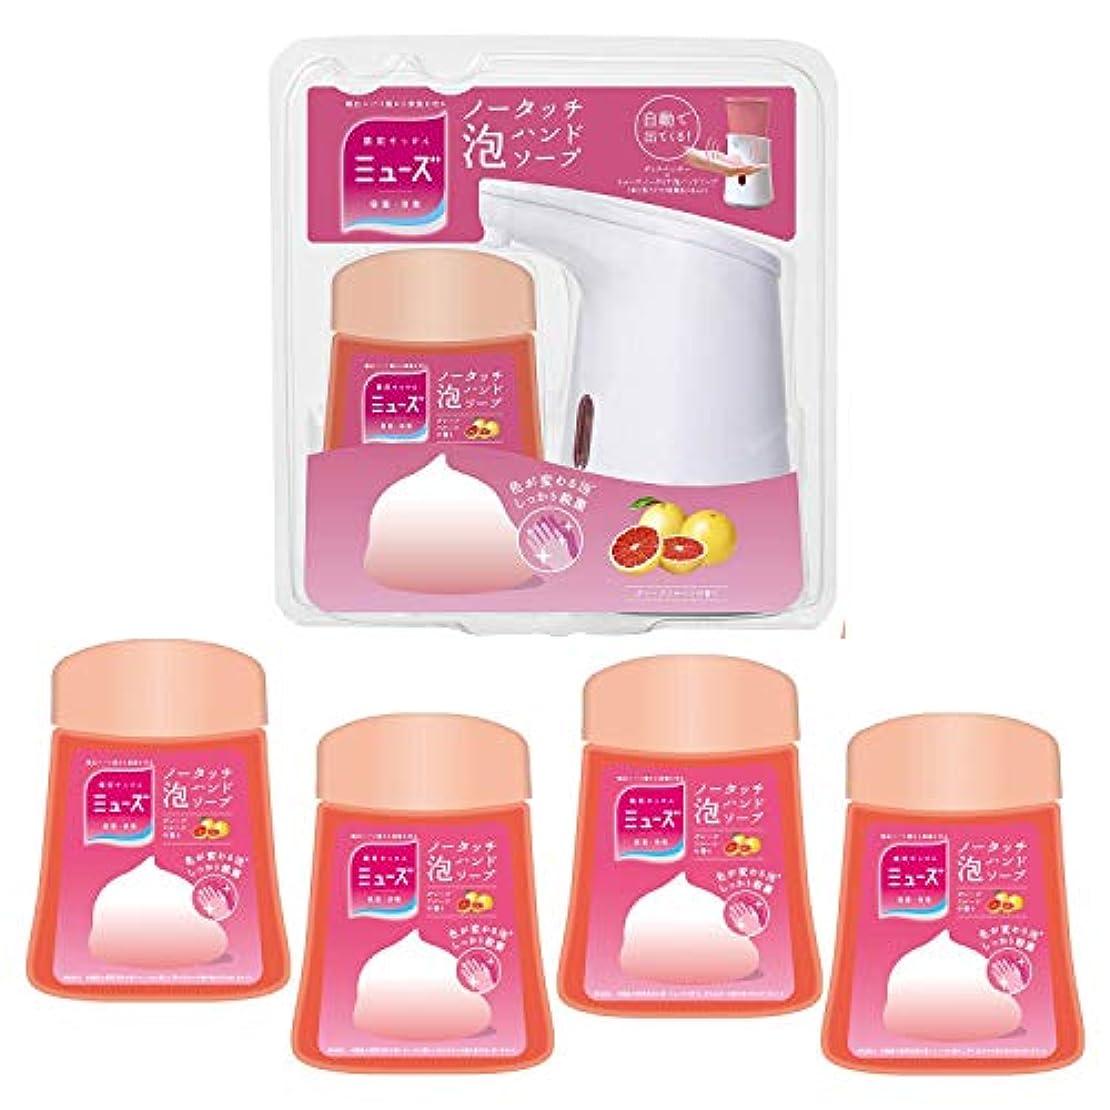 ファックス説明するによると【セット品】薬用せっけんミューズ ノータッチ 泡ハンドソープ グレープフルーツの香り 本体セット + 詰替え×4個 セット